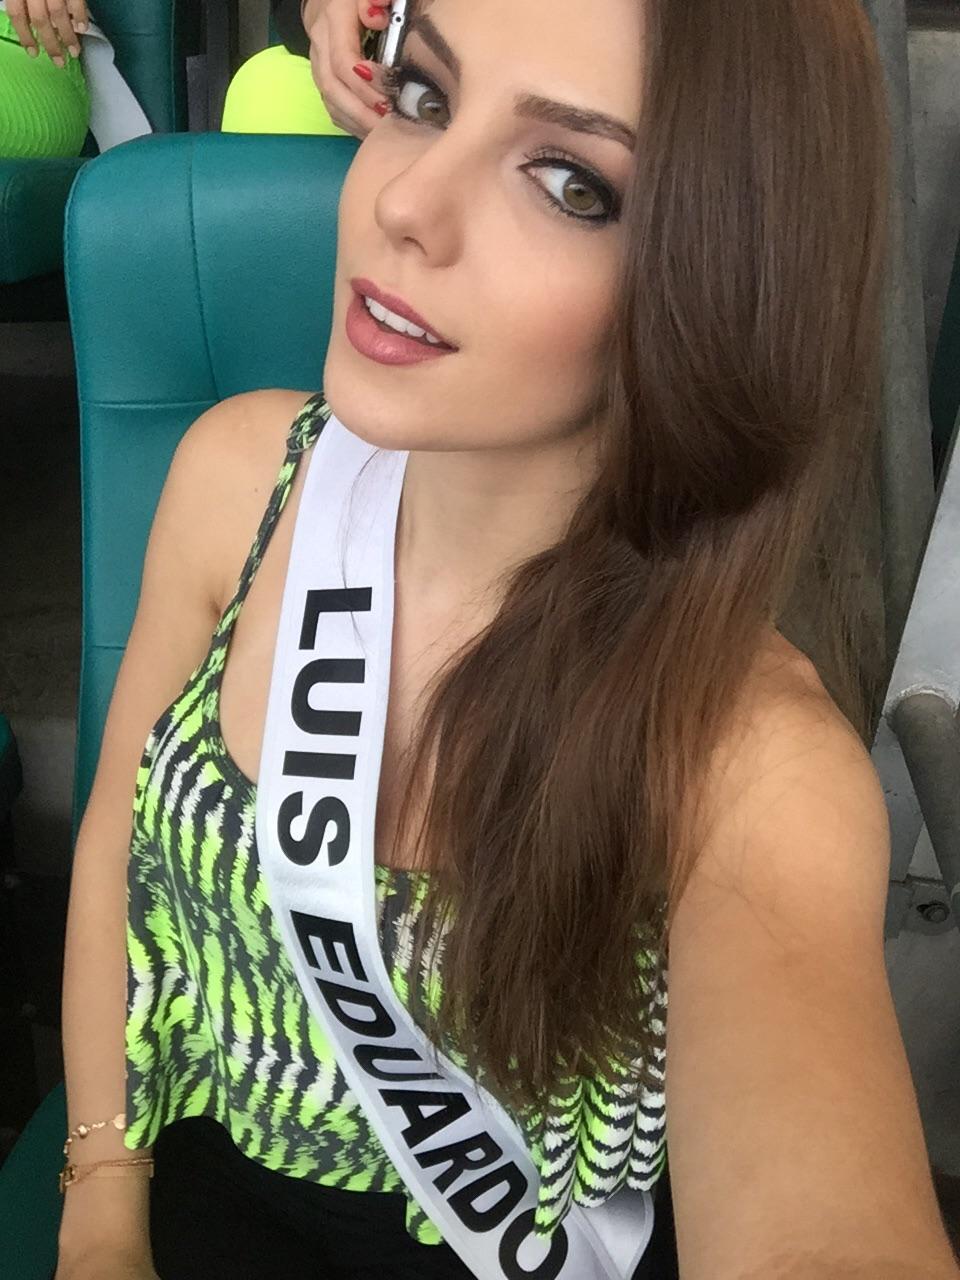 patricia guerra, miss brasil latina 2014. Yku2ipo4